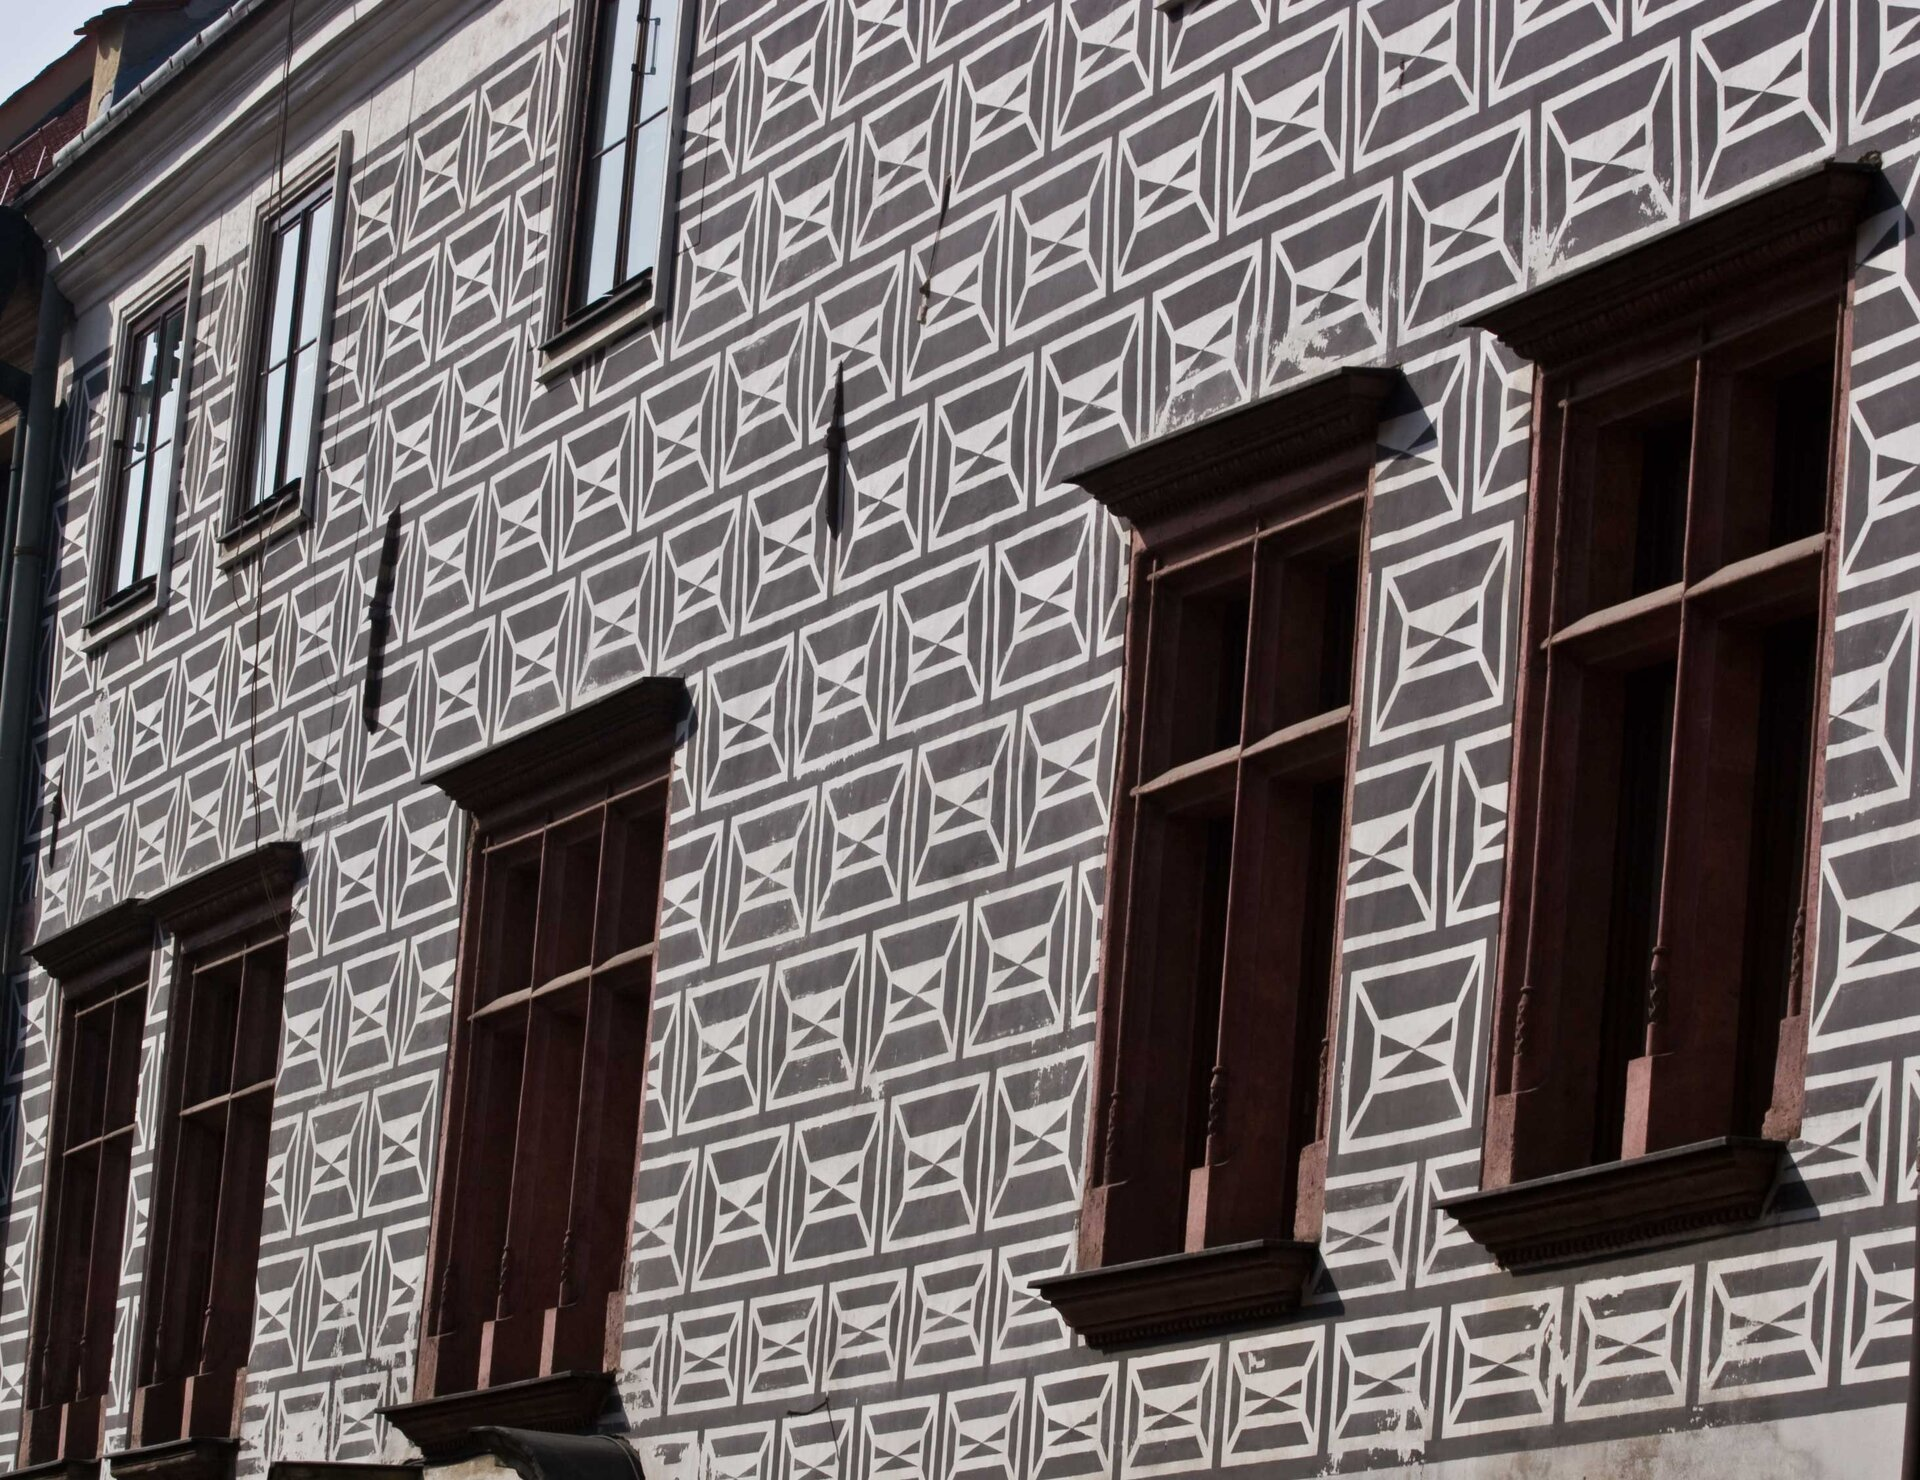 Ilustracja przedstawia sgraffito wykonane na fasadzie budynku. Dekoracja imituje renesansowe okładziny kamienne wkolorze jasnoszarym na ciemnoszarym tle.